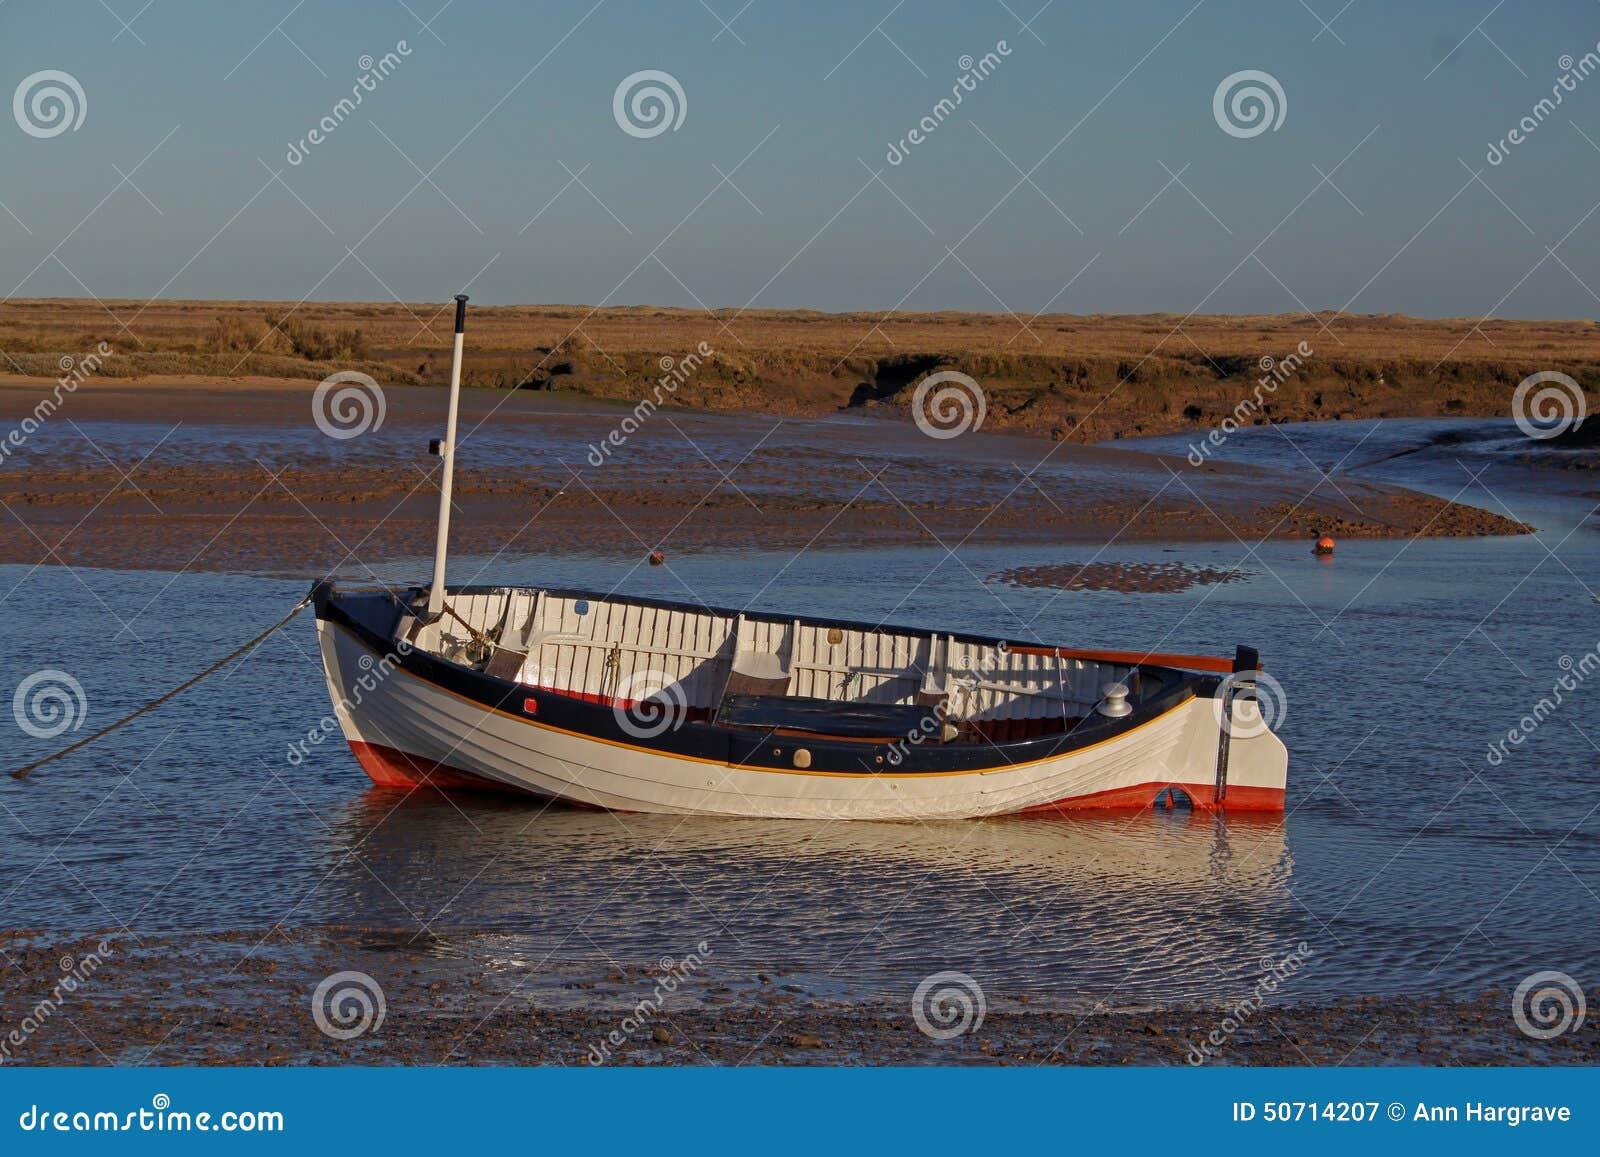 Amanhecer, marés para fora, cena velha do barco